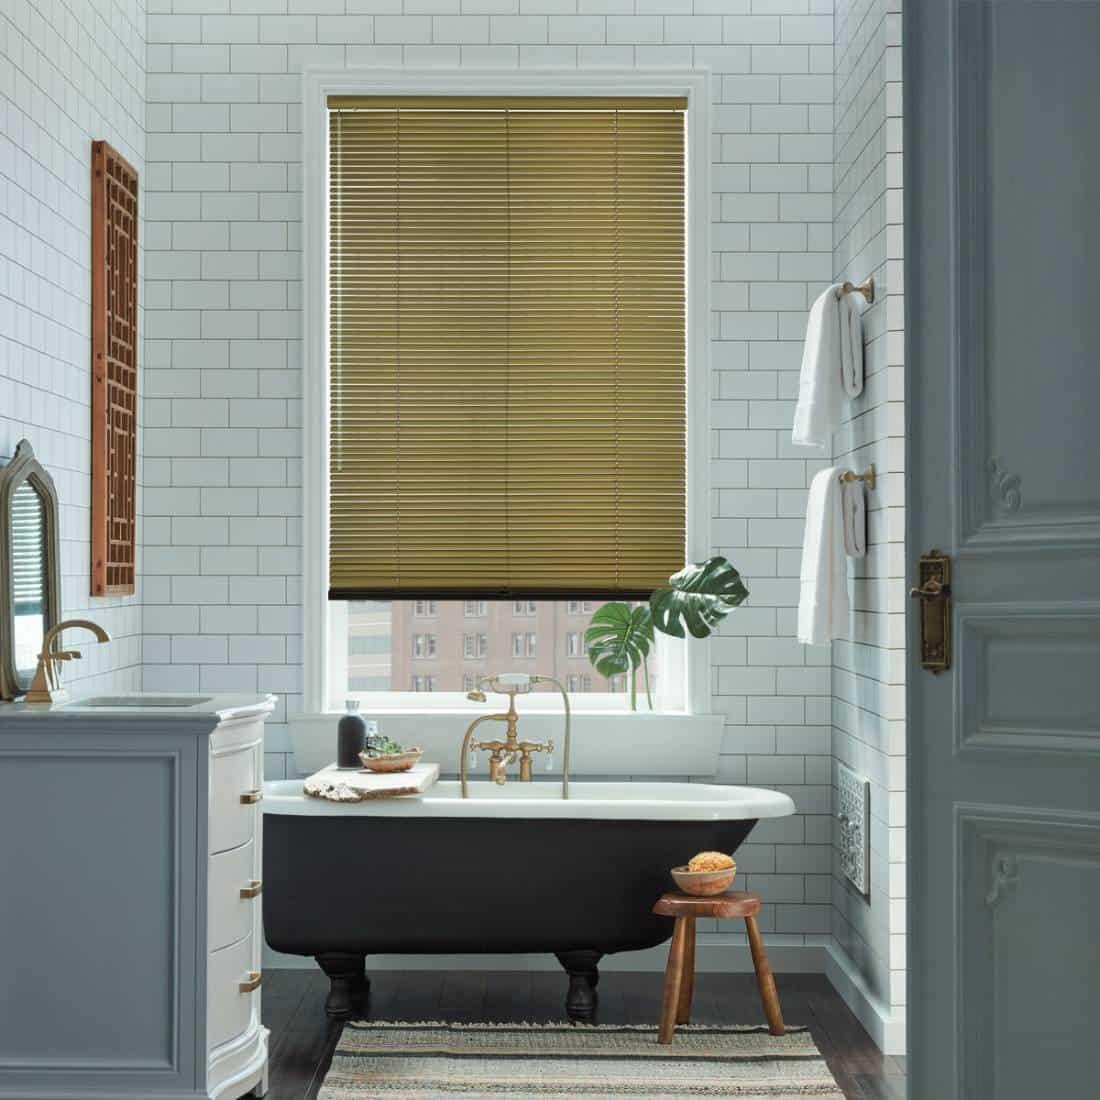 Hunter Douglas Modern Precious Metals® Aluminum Blinds Southlake, Texas (TX) window blinds, wood blinds, metal blinds